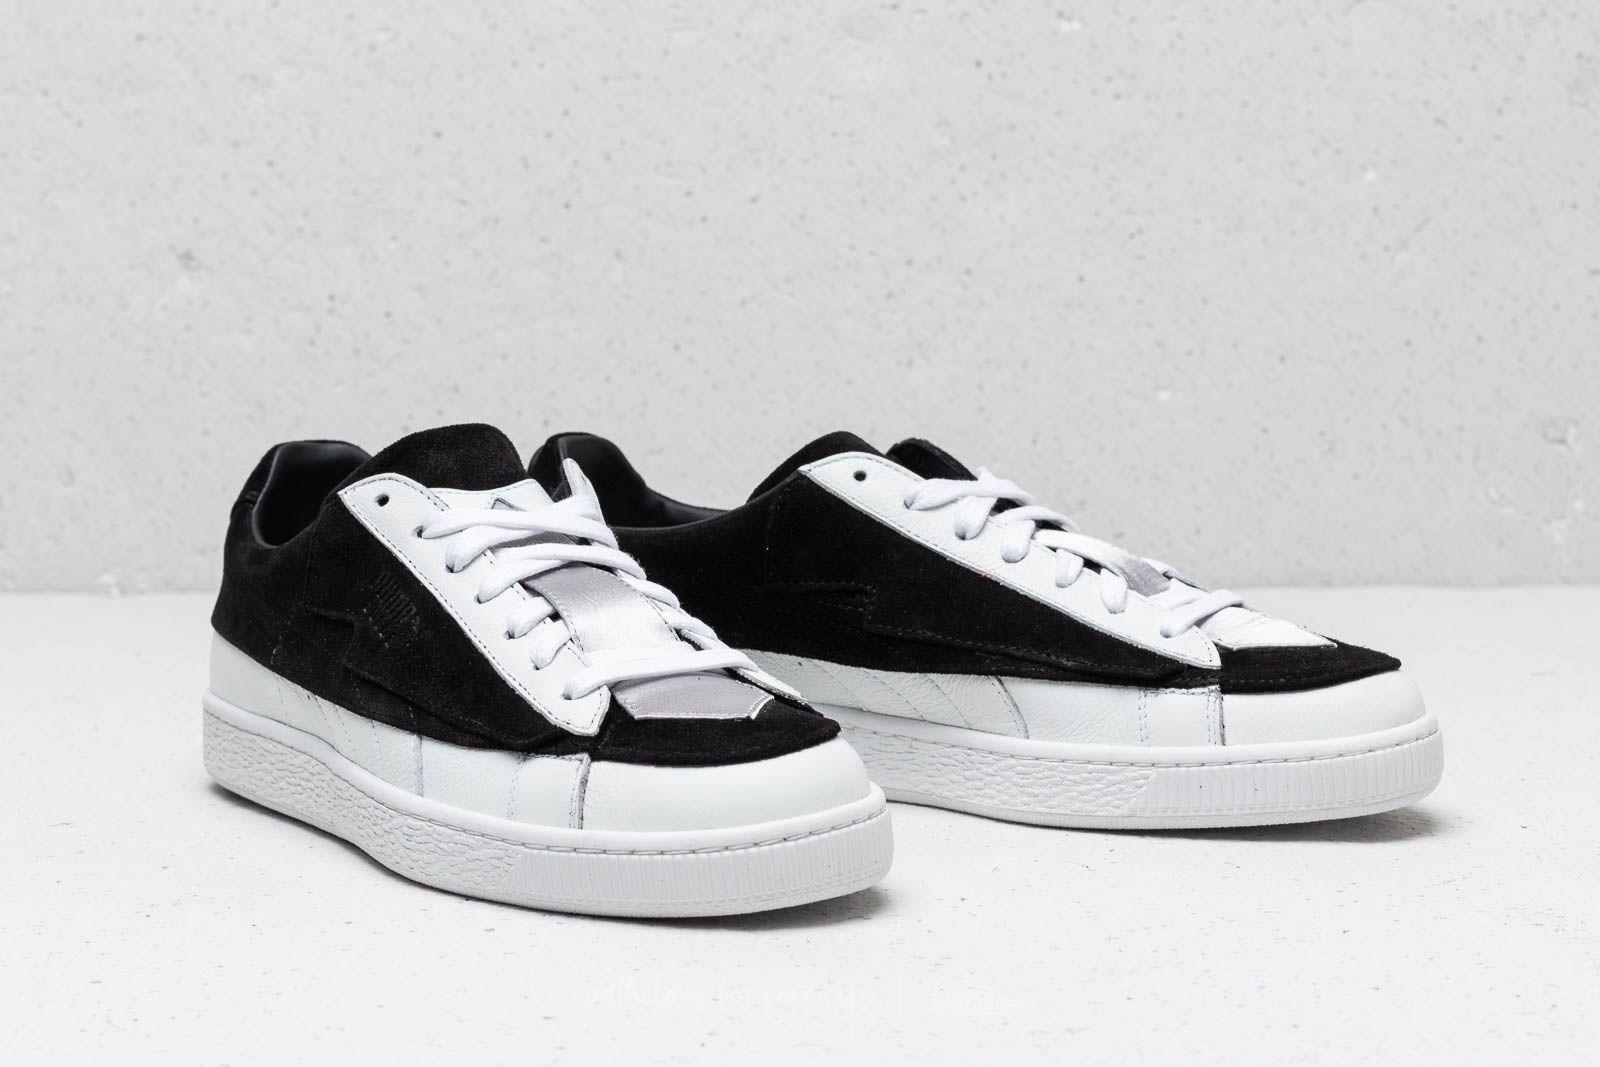 Black X Footshop Karl Lagerfeld Suede White 2 Puma Classic Sq0xPwEz